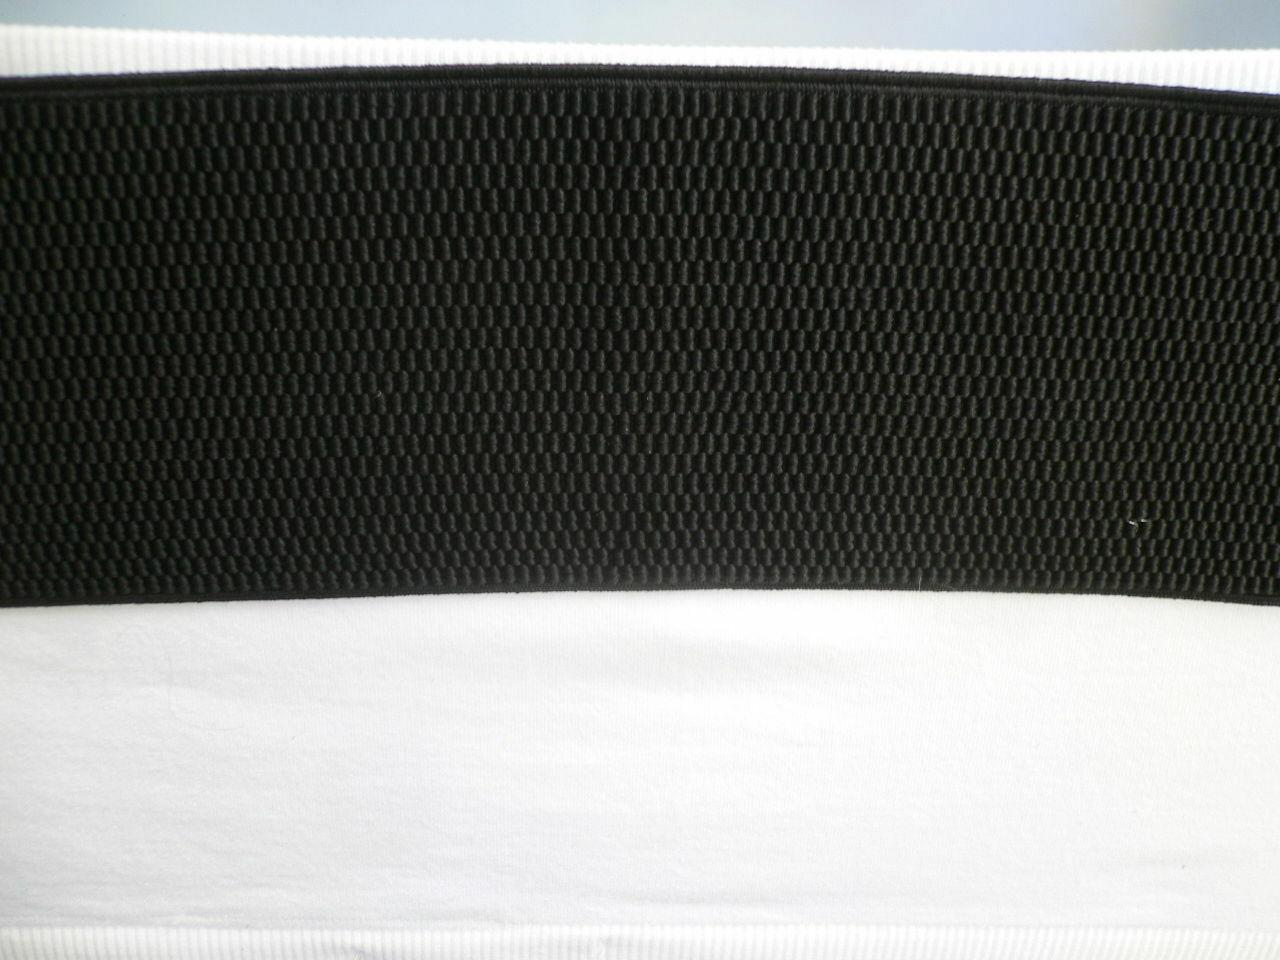 Cinturón para Dama Moda Hip Cintura Elástico Negro Ancho Imitación Piel de image 10